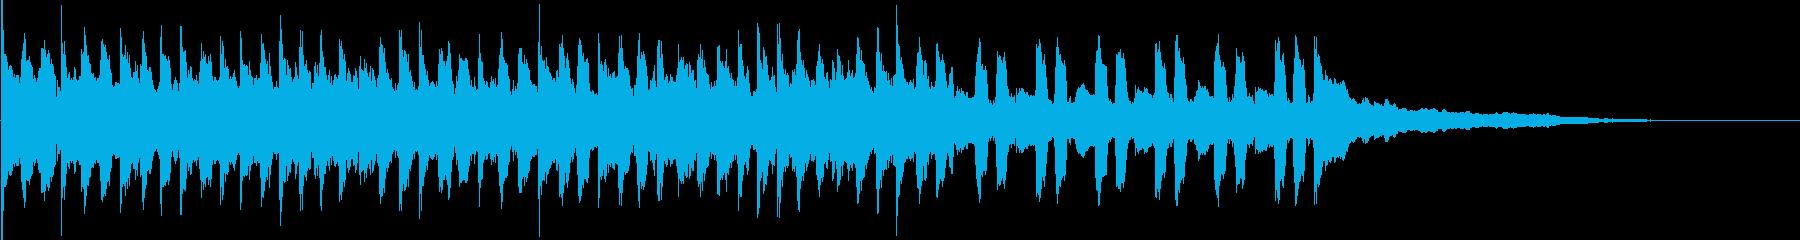 ワルツ・結婚・バレンタイン・ホワイトデーの再生済みの波形